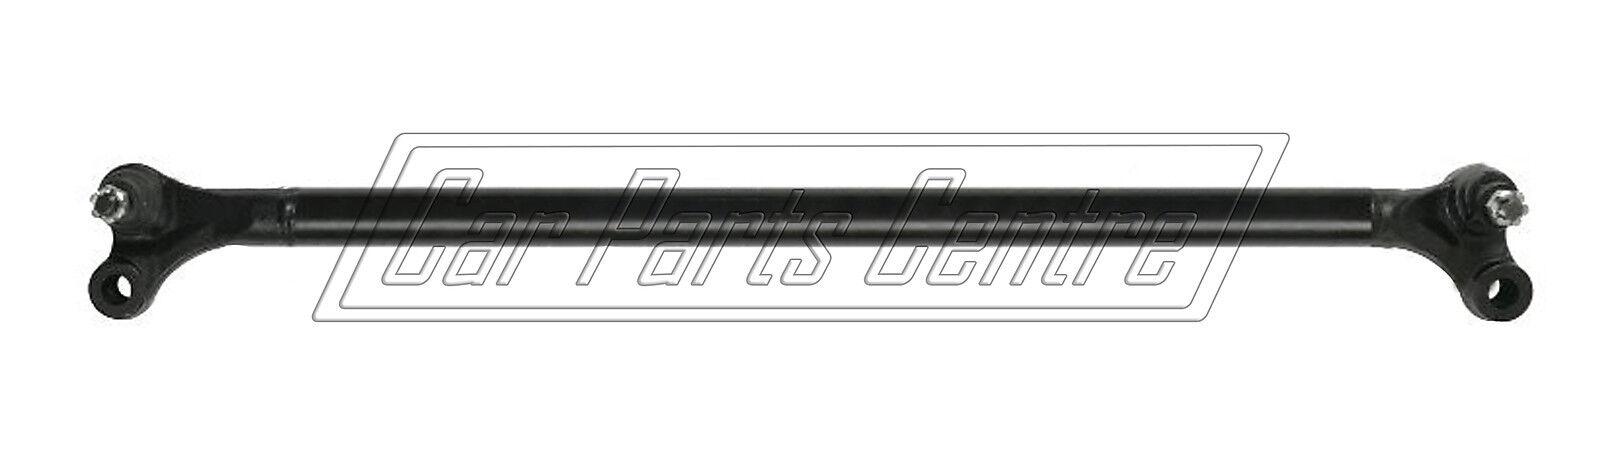 Steering Track Rod End Inner//Outer KIT For Nissan Navara D22 Pickup 2.5TD  98/>ON